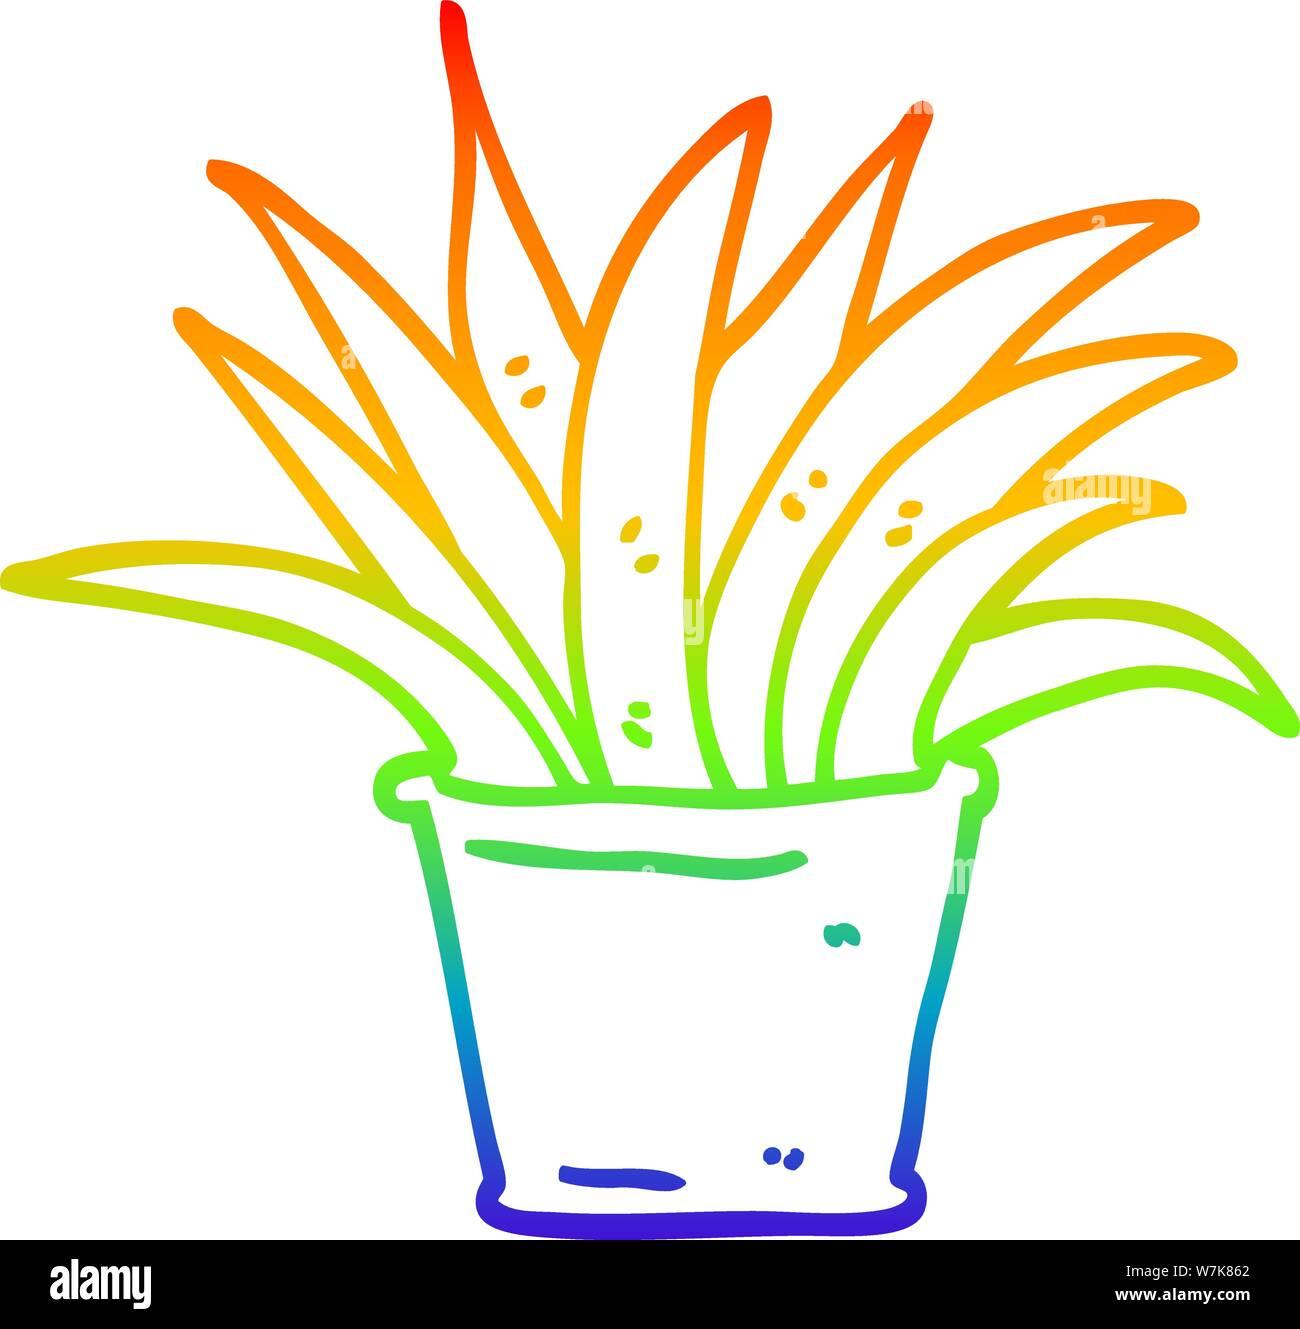 rainbow grant line drawing of a cartoon house plant Stock ... on rainbow landscape, rainbow tv, rainbow house city, rainbow summer, rainbow vegetables, rainbow bees, rainbow house home, rainbow tree, rainbow bugs, rainbow photography, rainbow orchid, rainbow tulips, rainbow herbs, rainbow vine, rainbow pond, rainbow roses, rainbow fern, rainbow computers, rainbow house fish, rainbow flower,